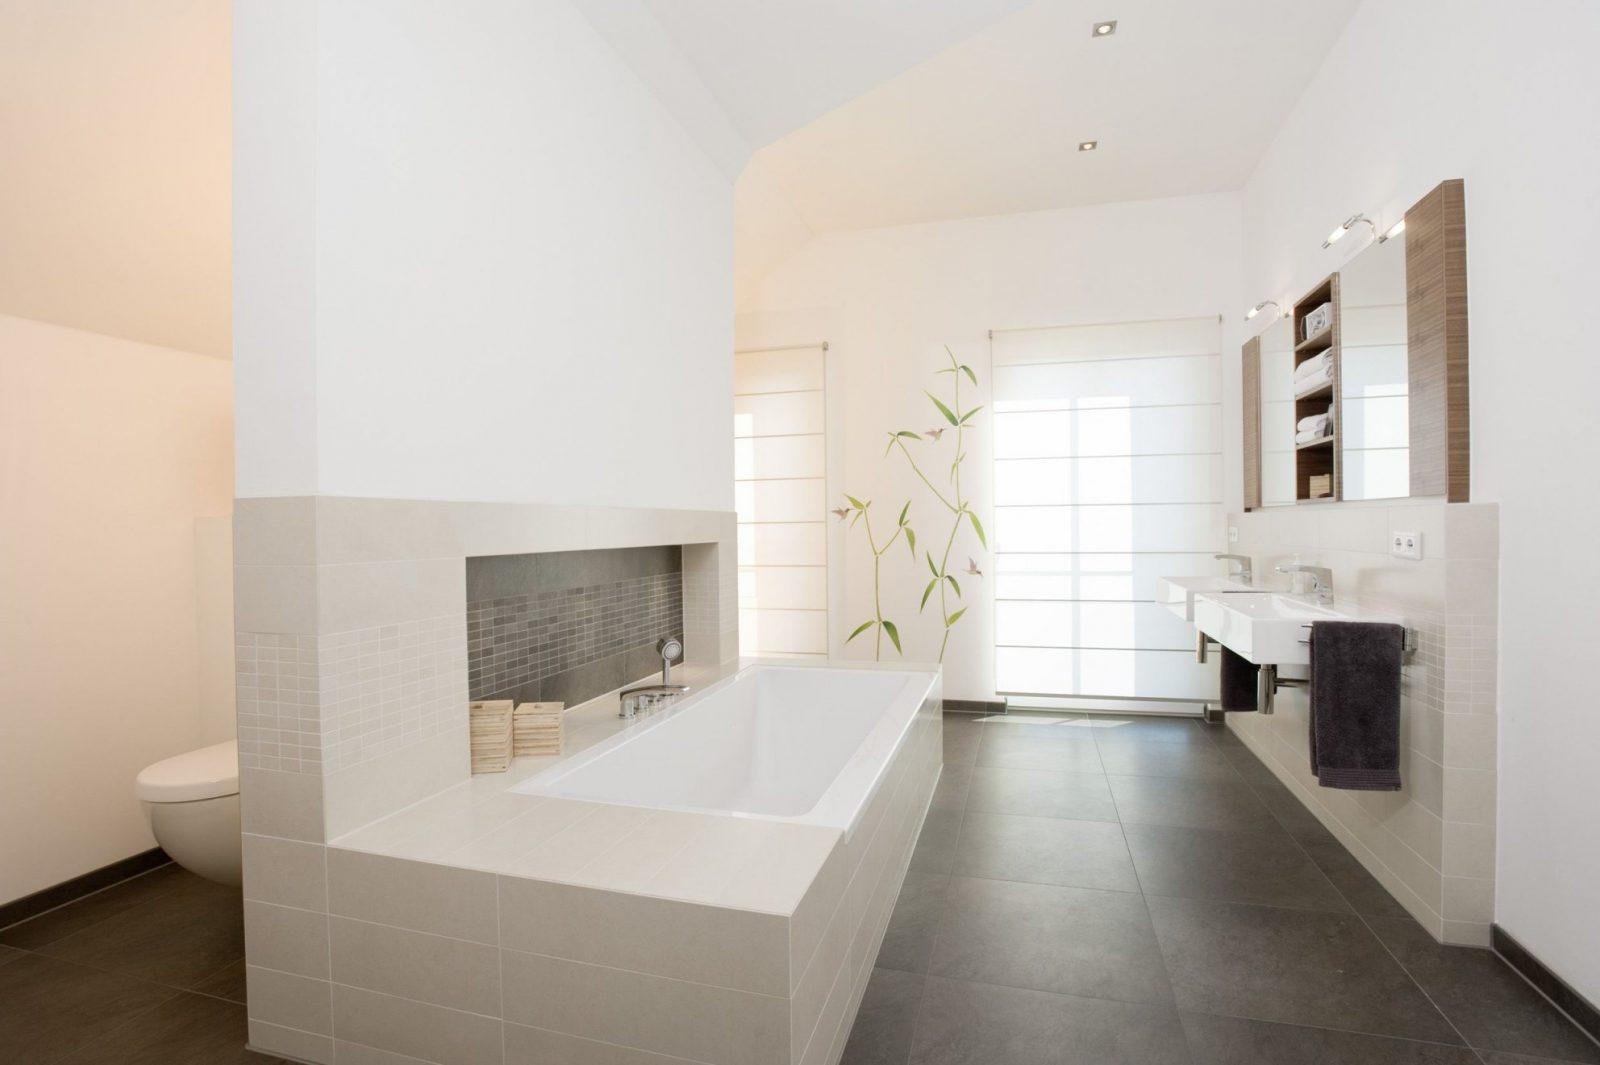 Großzügiges Bad In Modernem Holzhaus Holzhaus Holz Bad Fliesen von Fliesen Holzoptik Bad Hell Bild